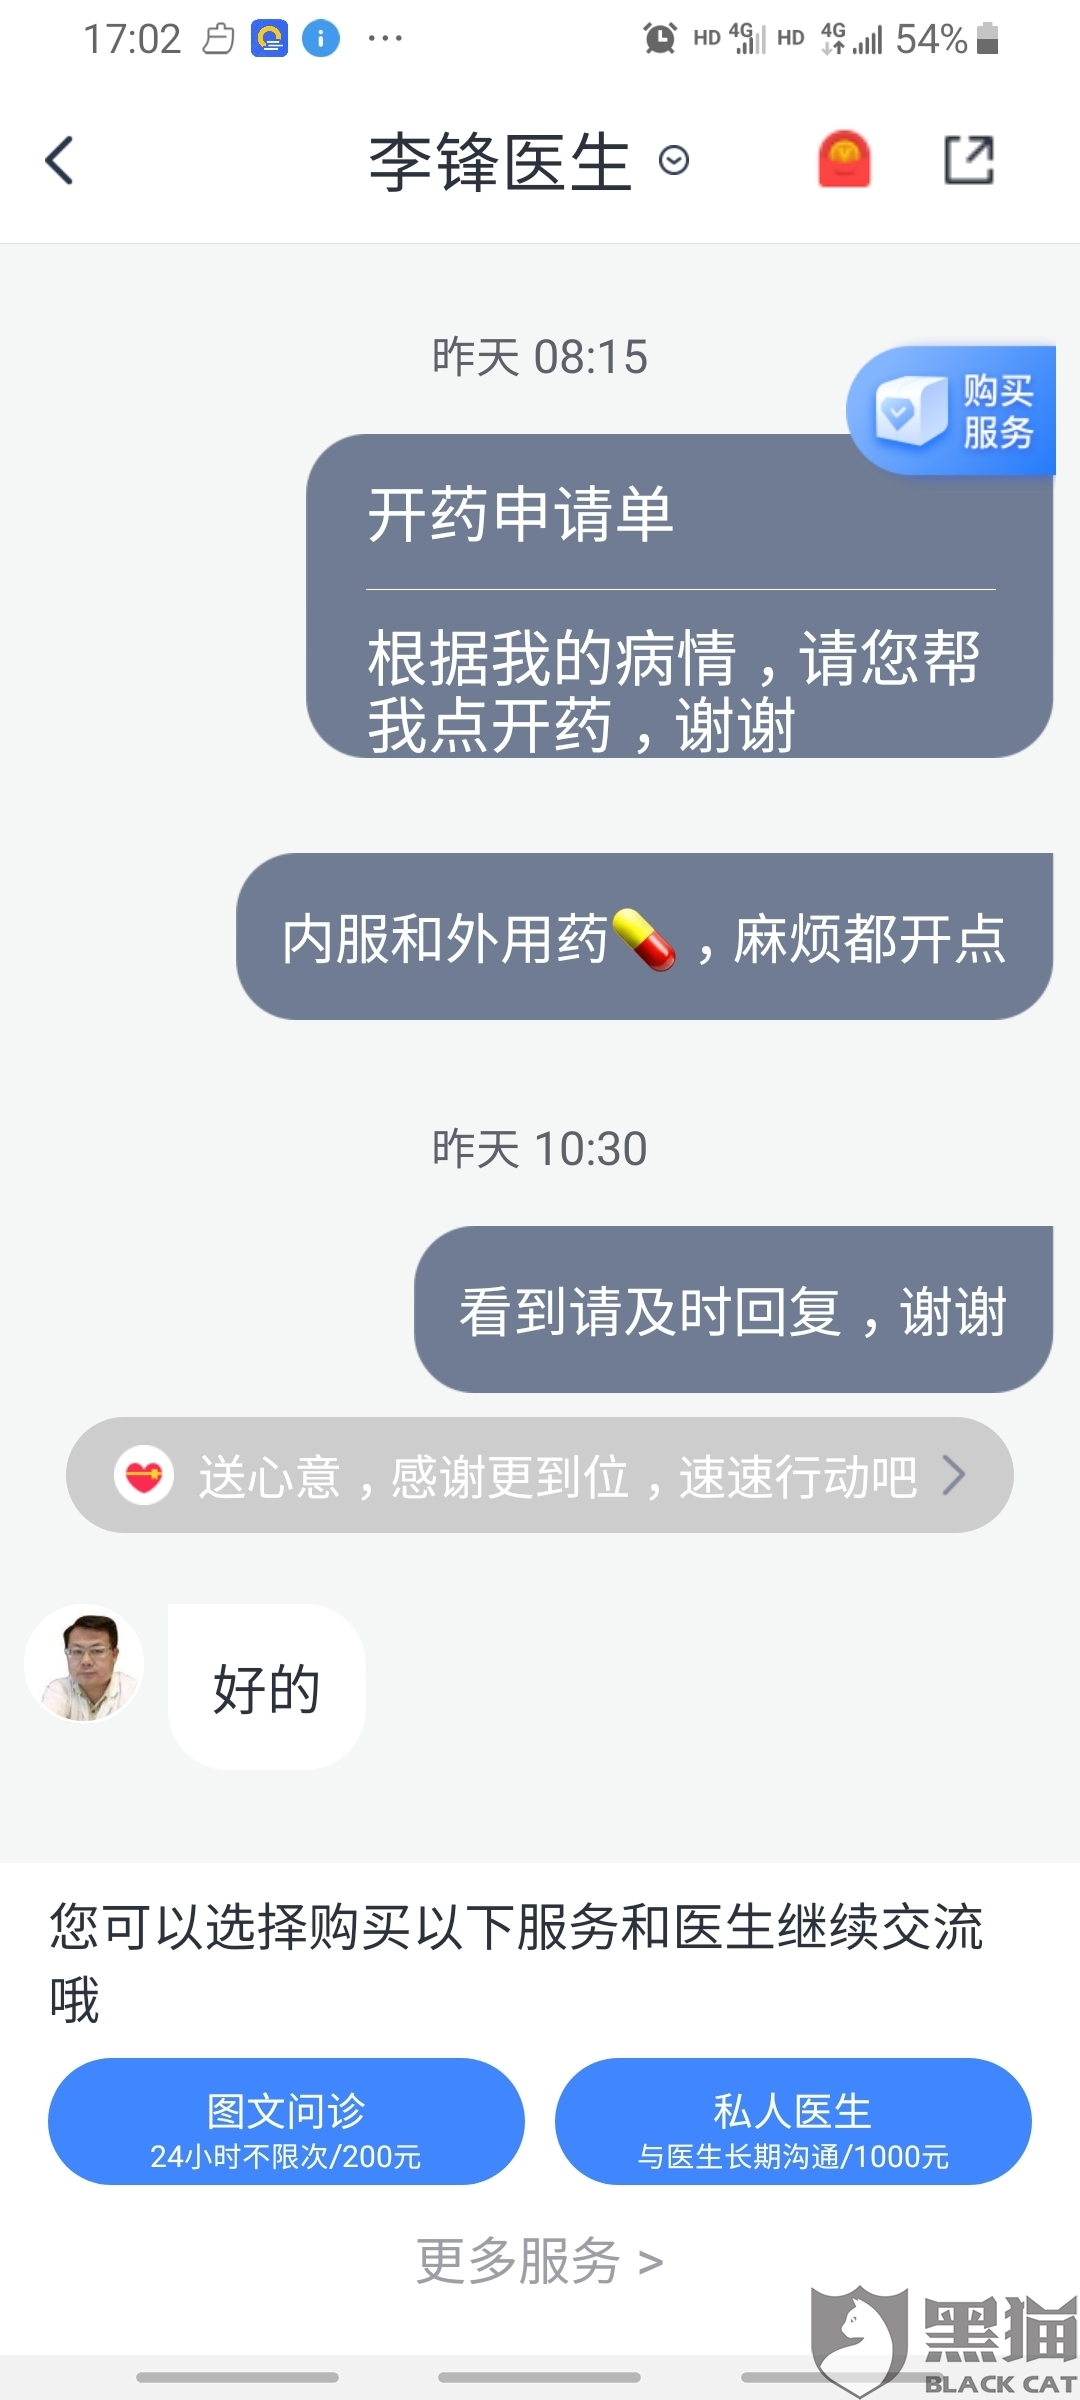 """100元钱看病医生仅回复""""你好"""" 微医服务质量屡遭投诉"""